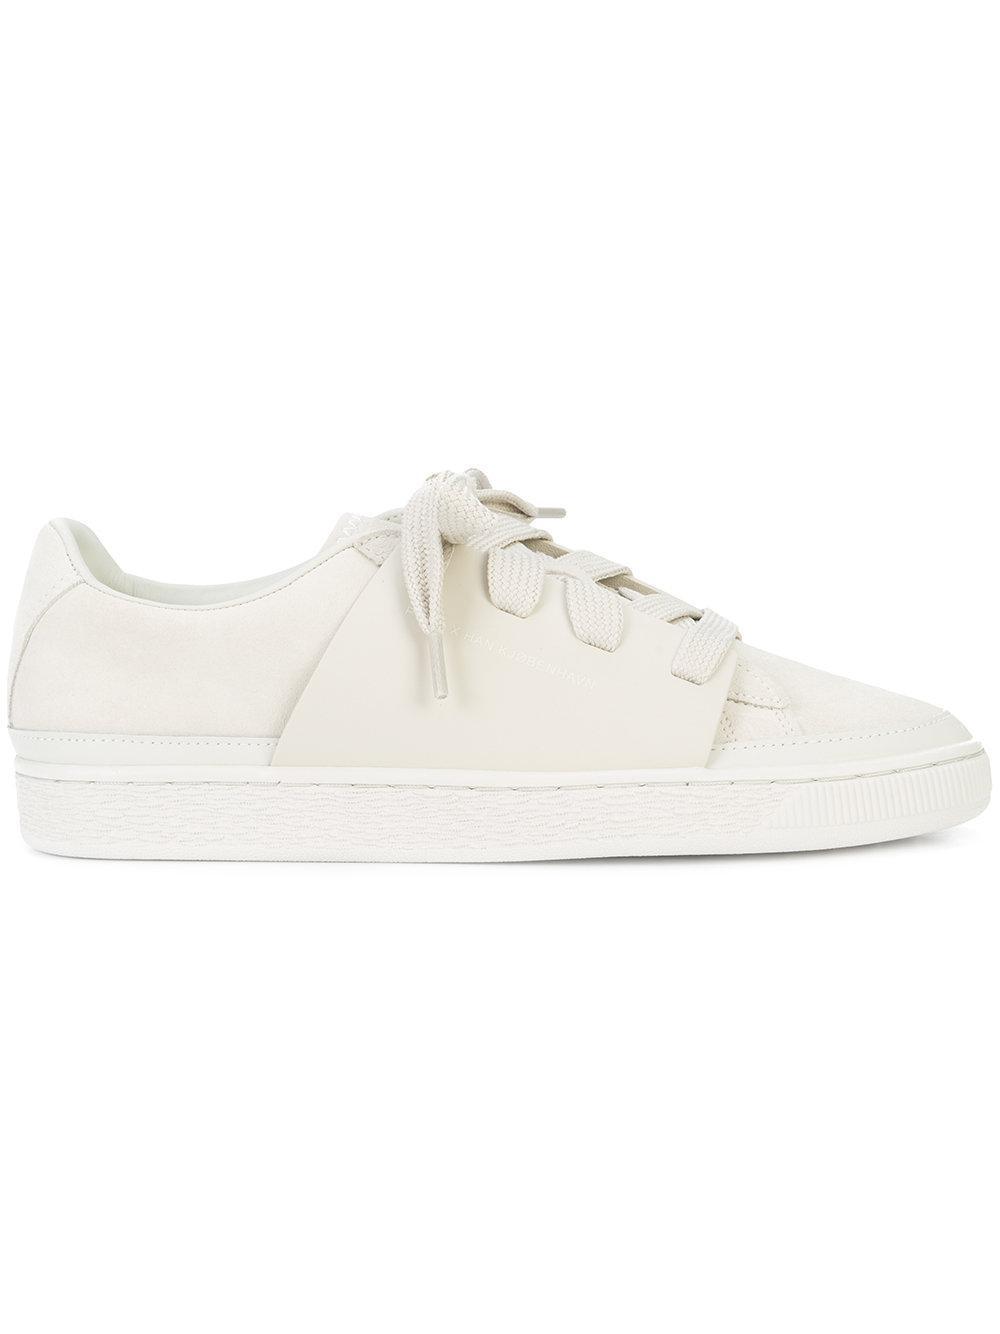 Puma Han Men Sneakers In White